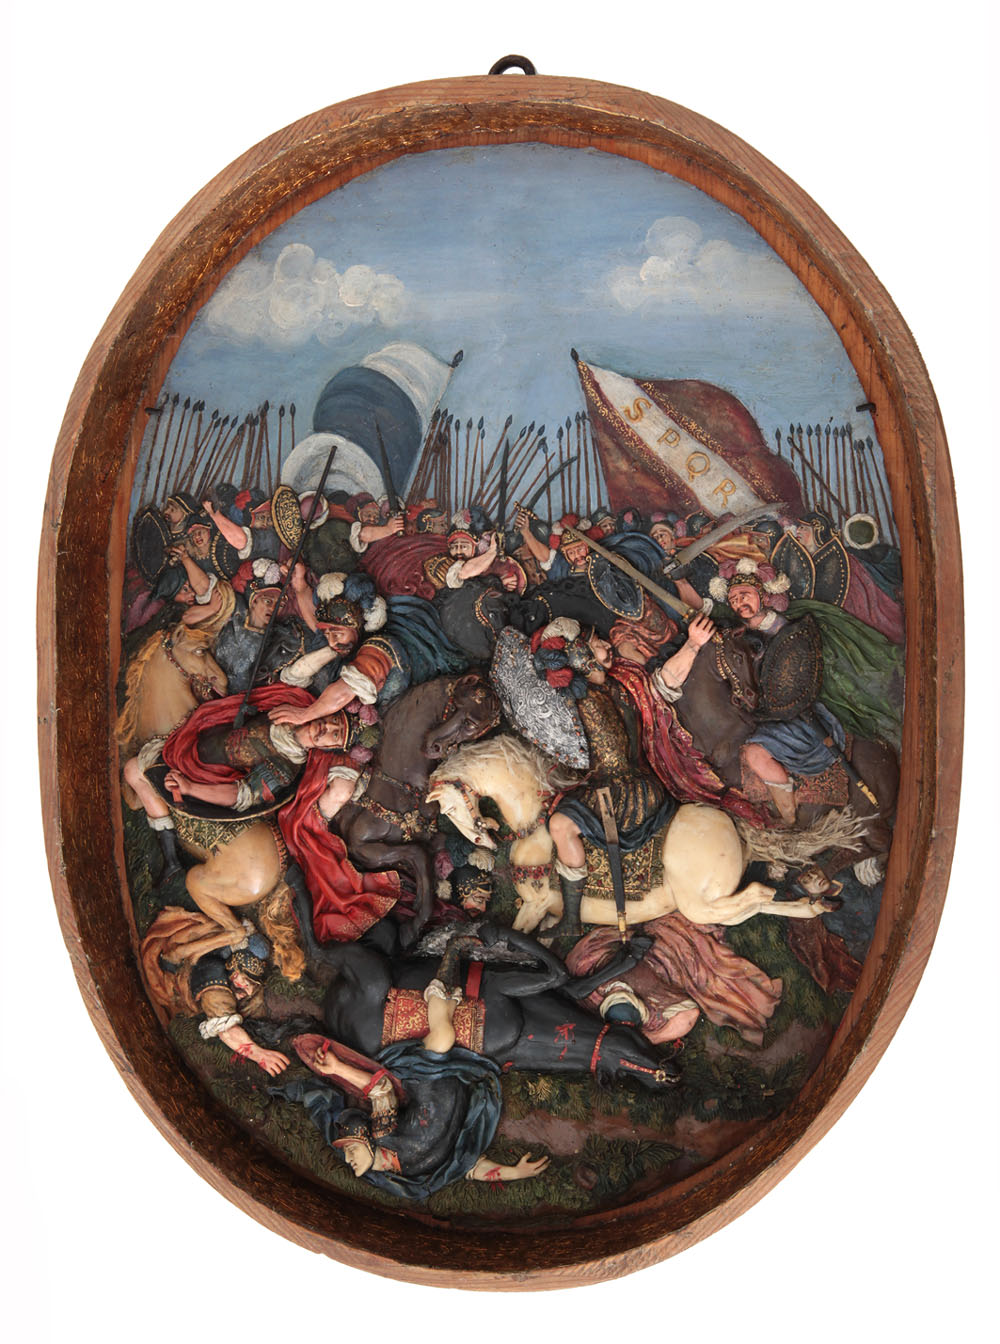 Ceroplasta sconosciuto Battaglia di cavalieri romani seconda metà del XVII secolo